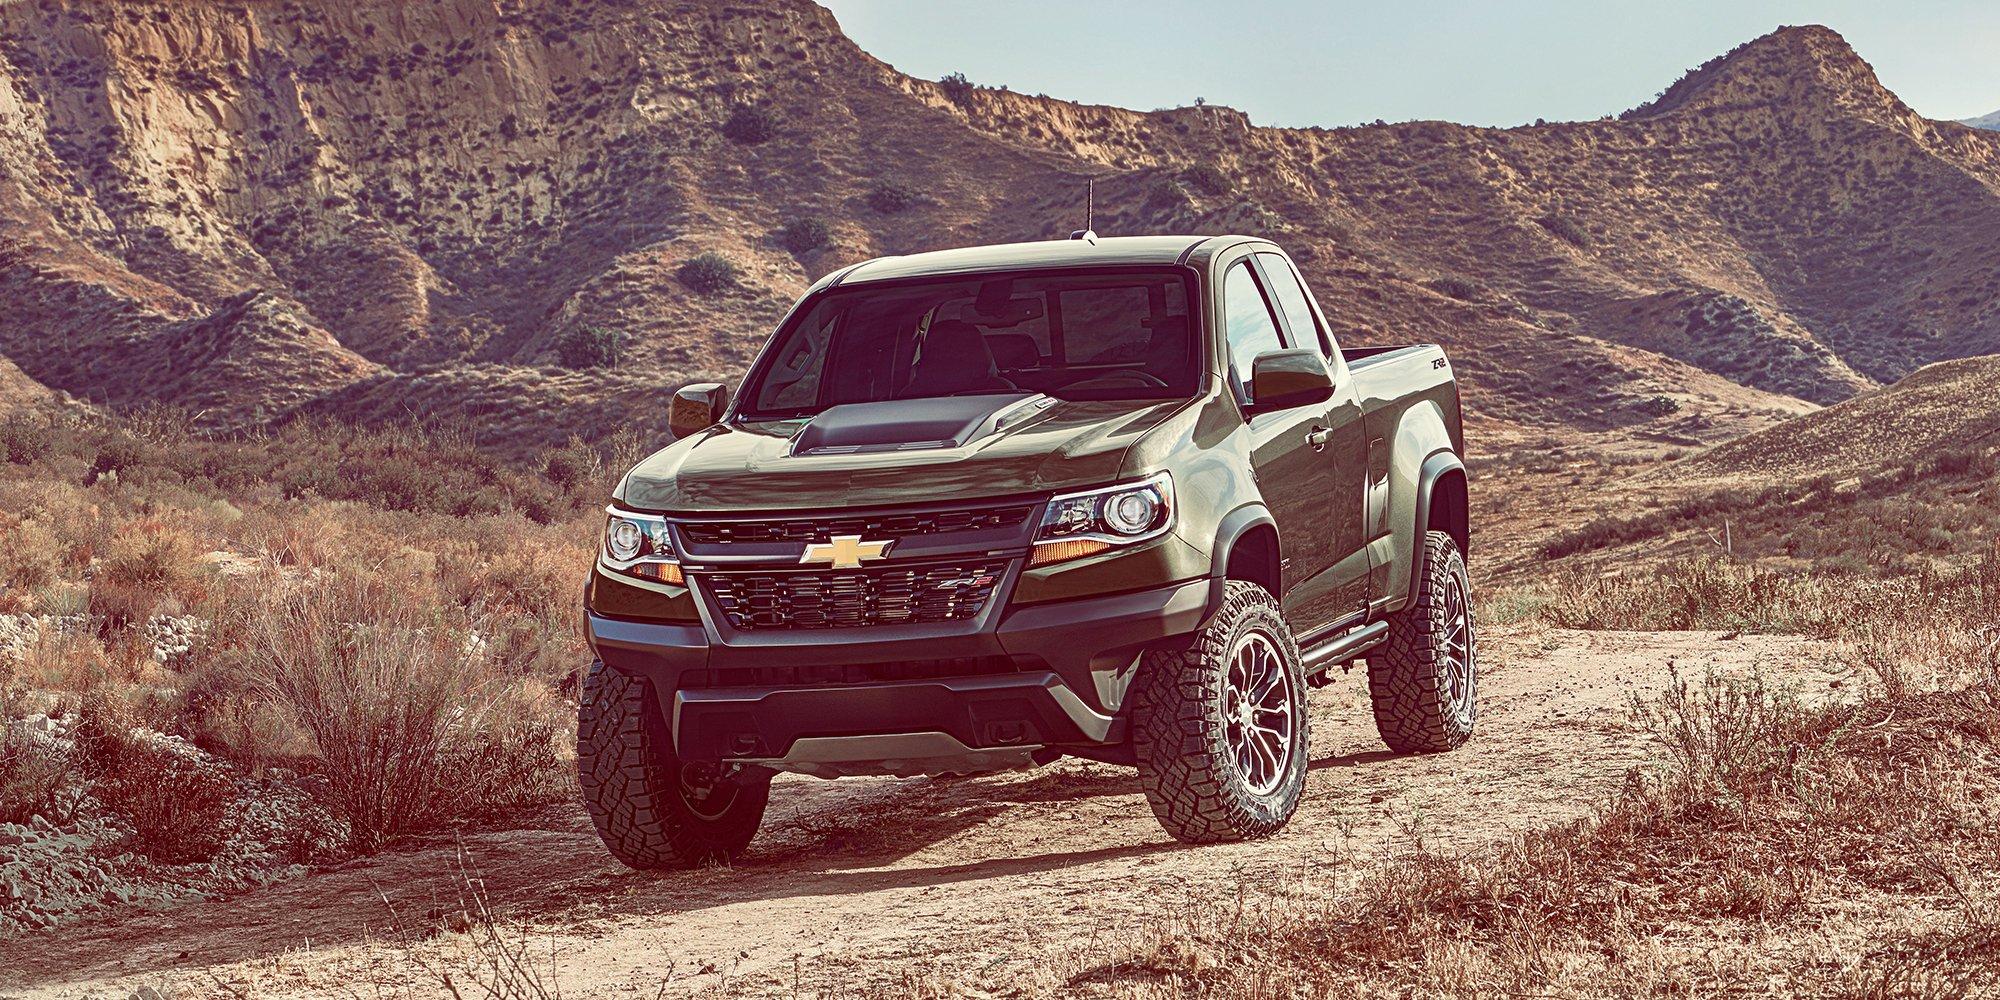 Chevrolet Colorado Lease Deals & Price